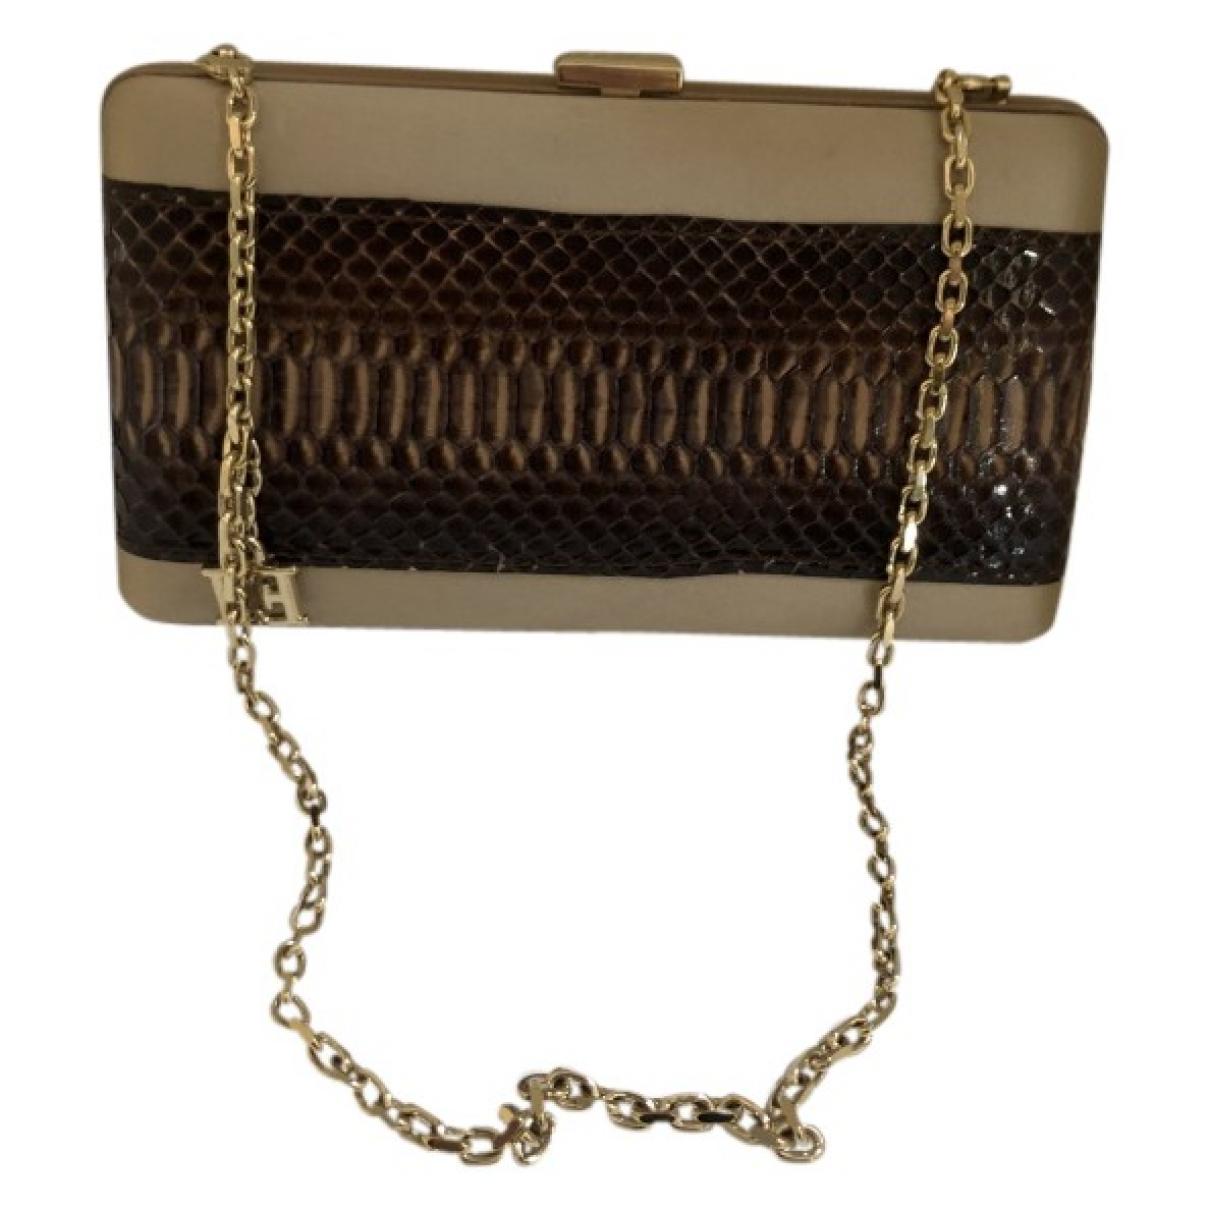 Escada \N Beige Cloth Clutch bag for Women \N